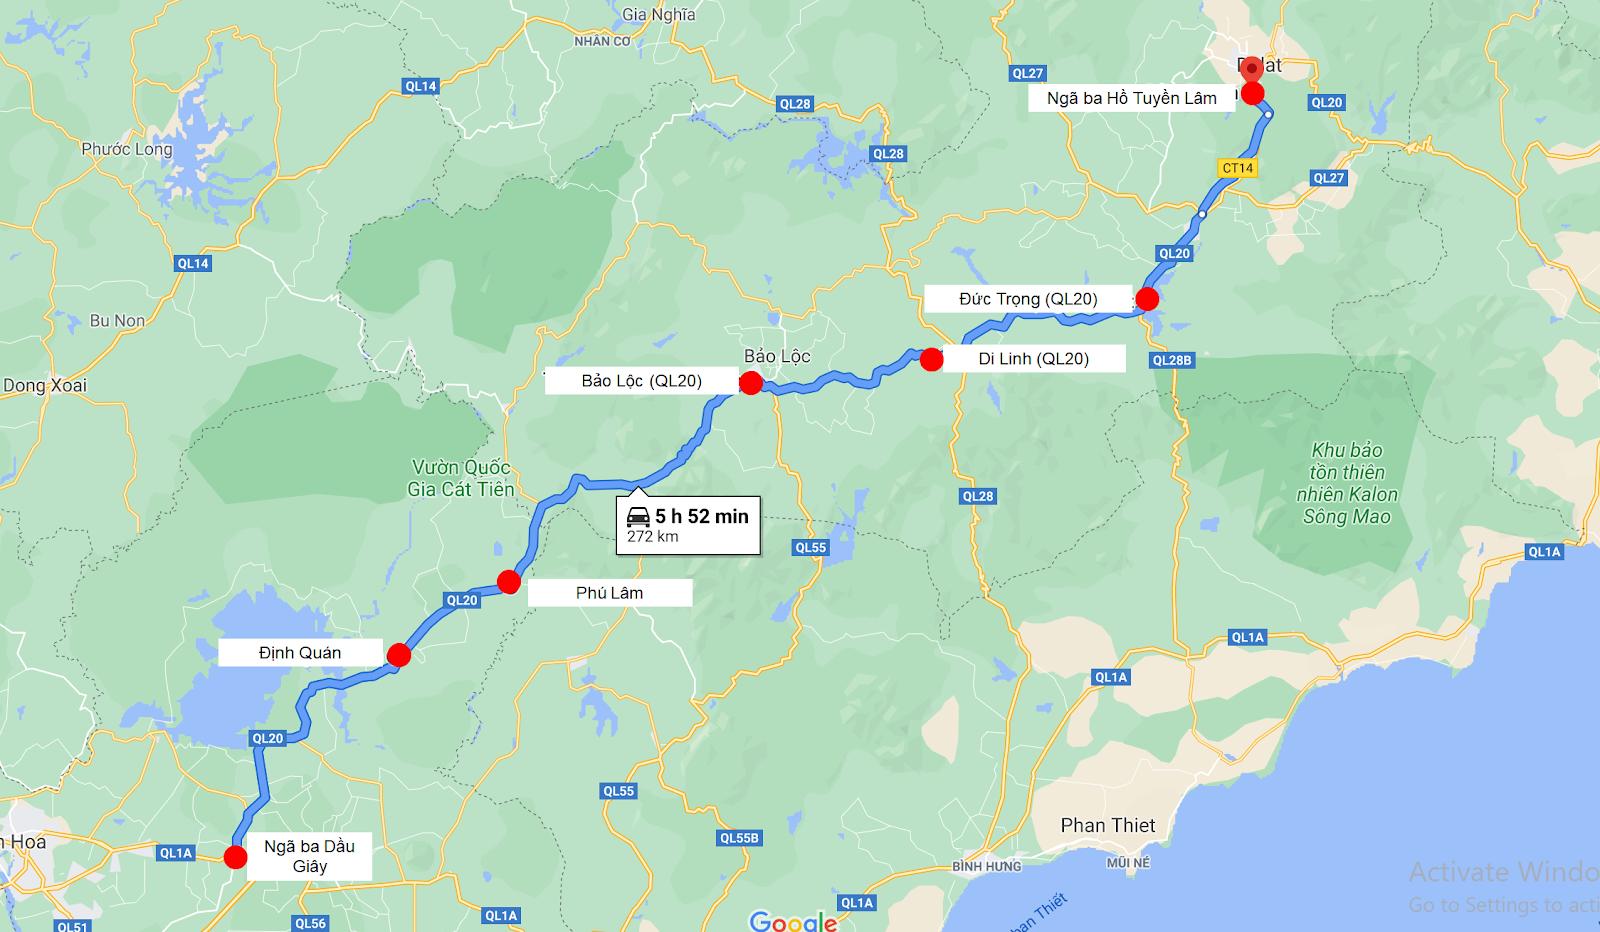 Các điểm đón/trả dọc đường của xe Nguyễn Kim